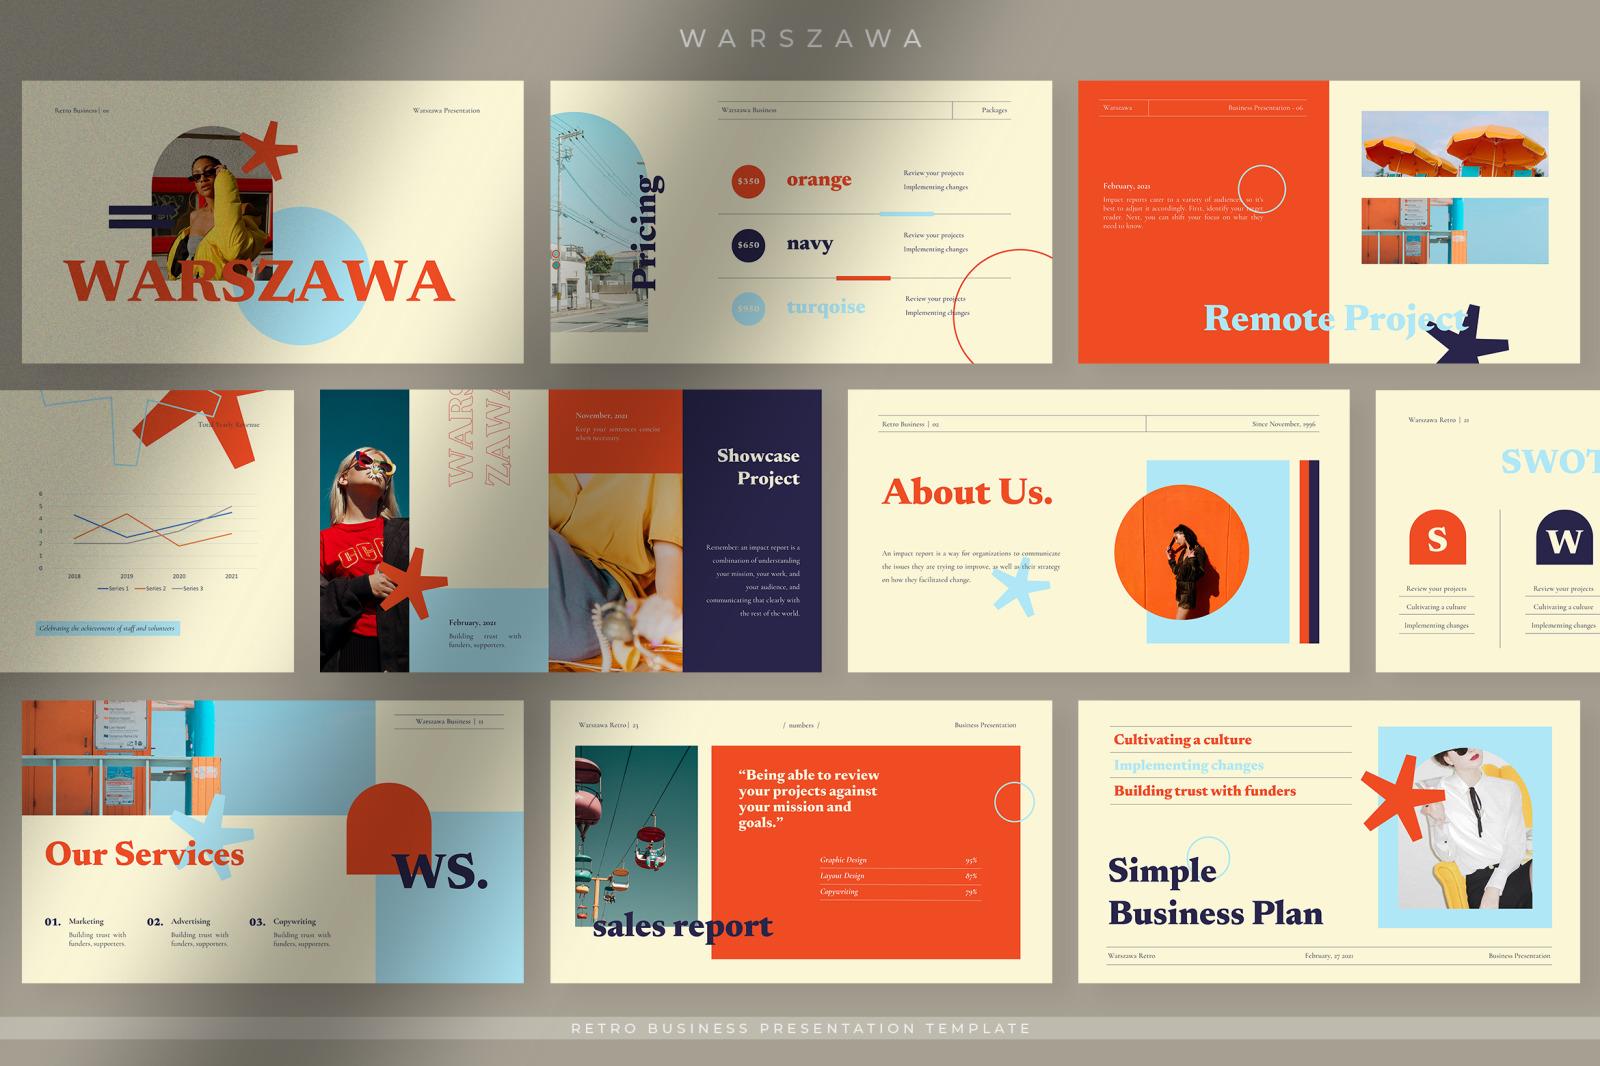 Warszawa Retro Business Presentation